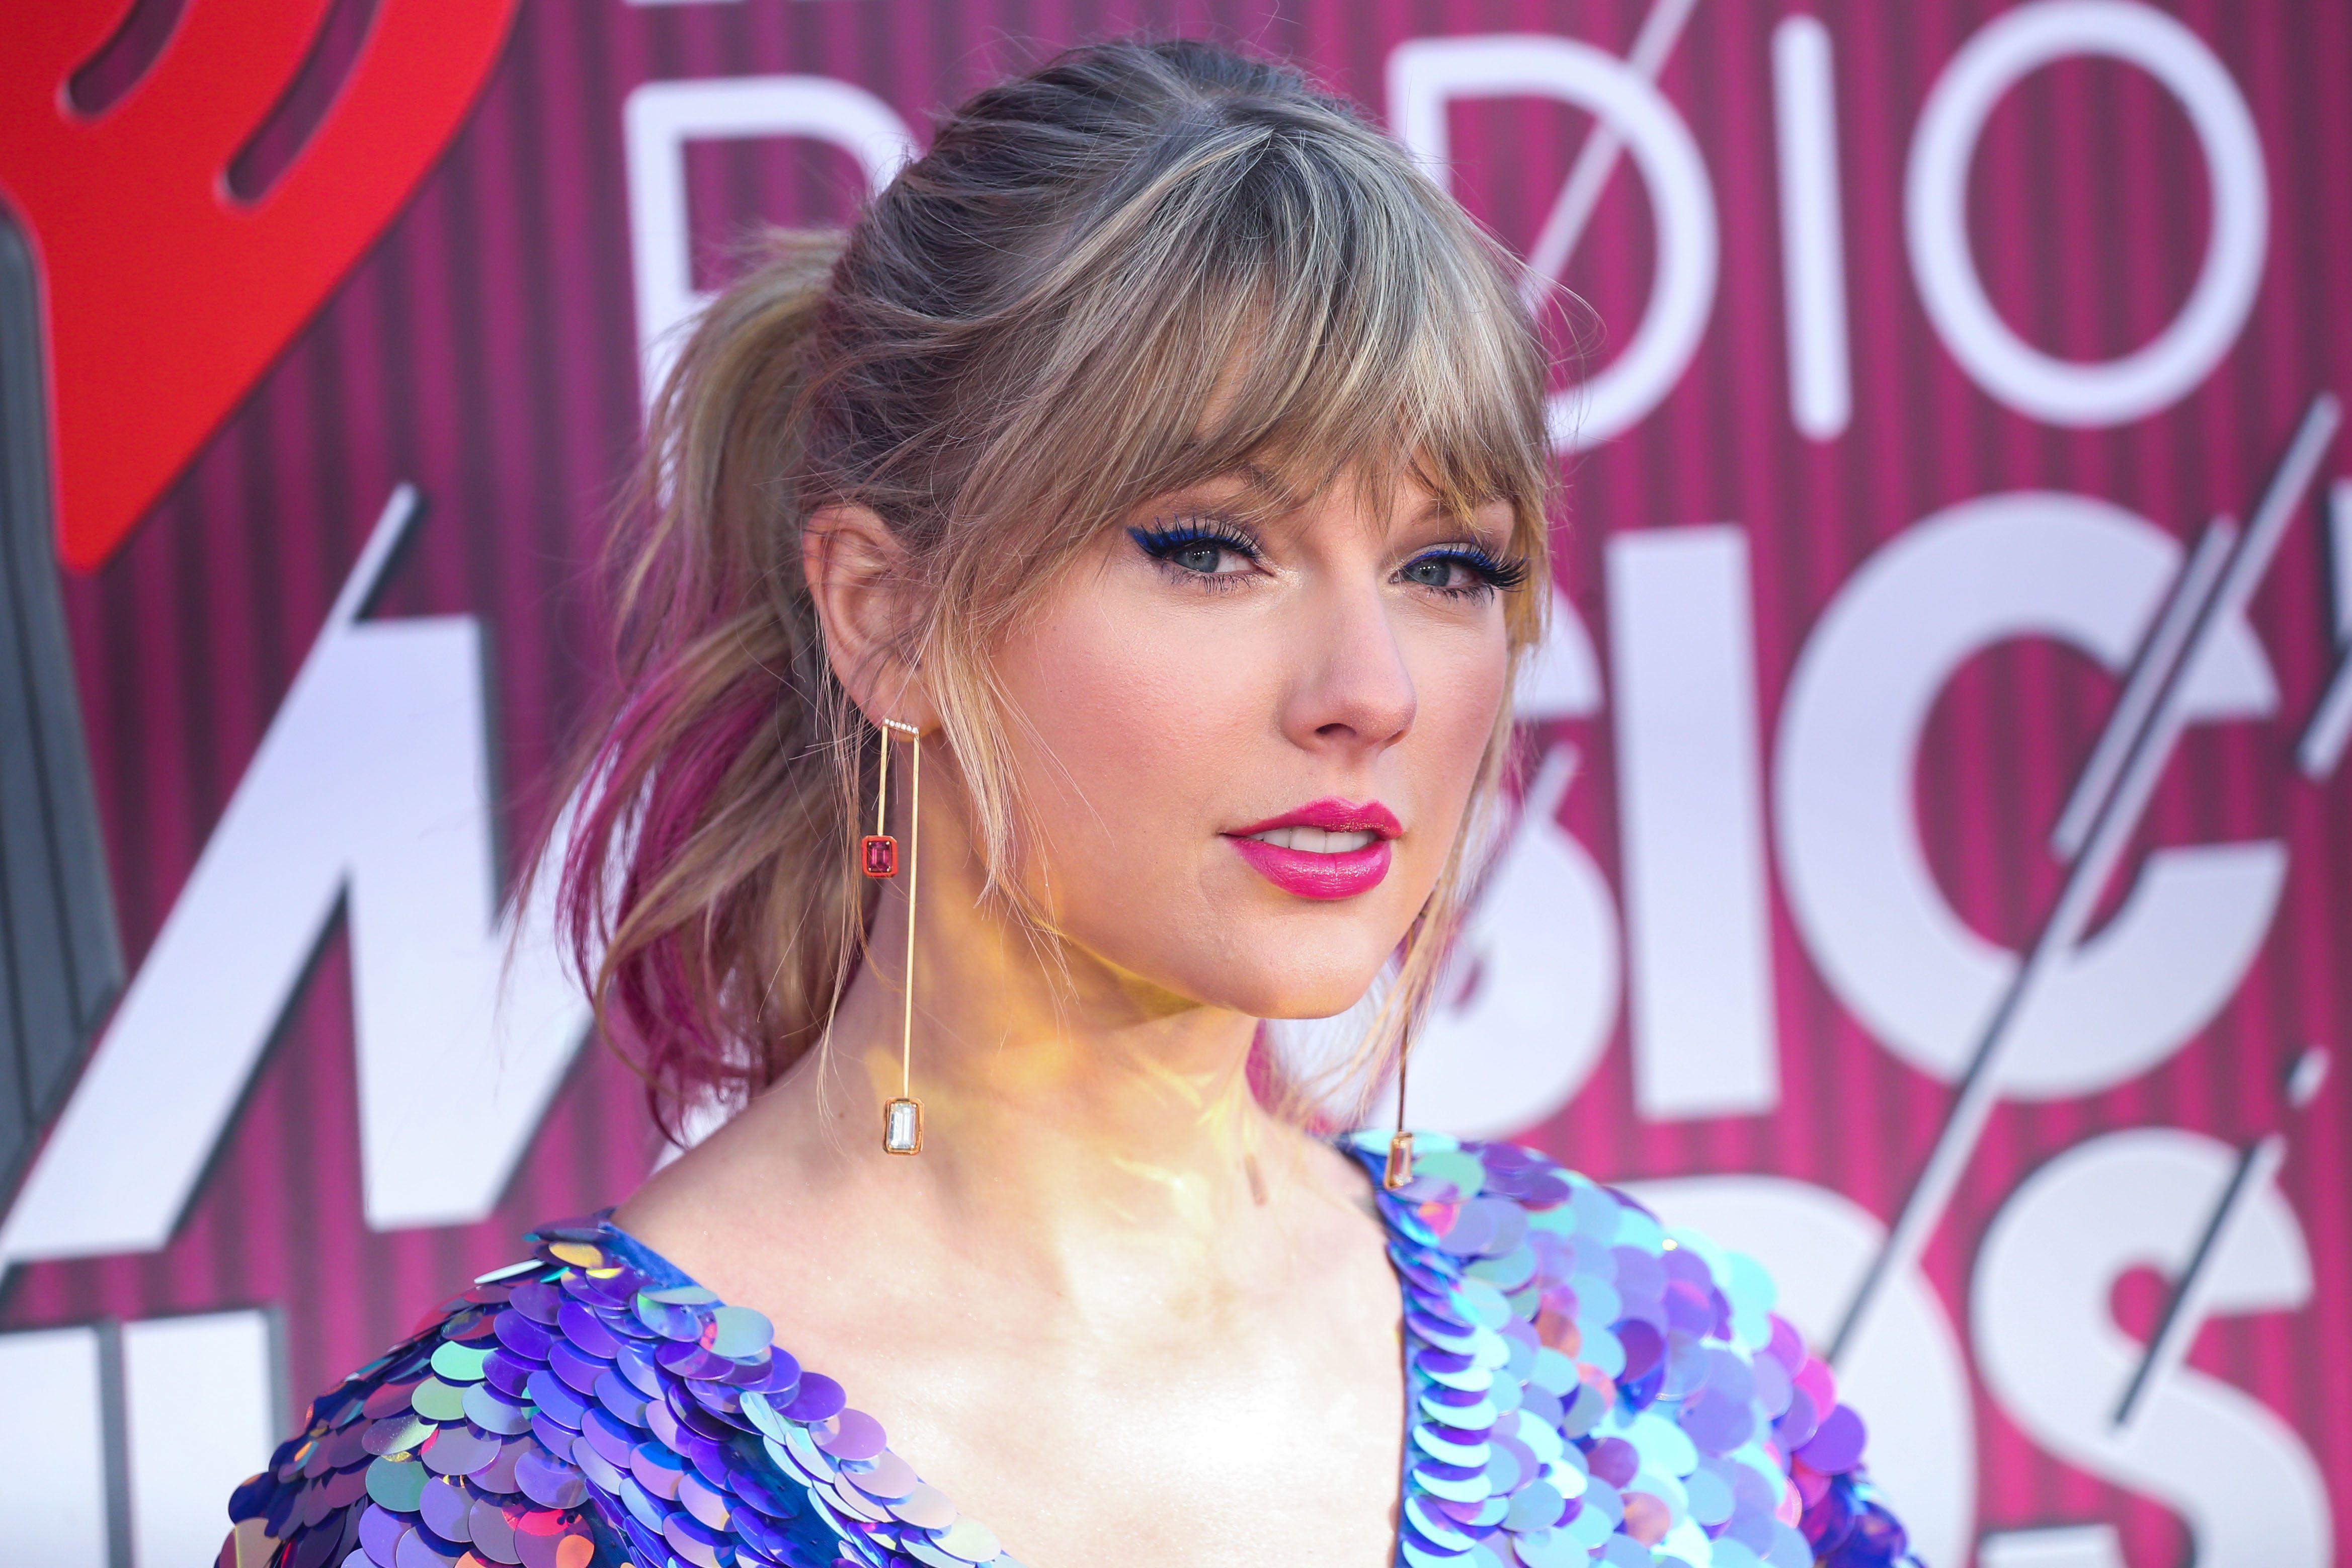 Taylor Swift Debuts New Pink Hair At Iheartradio Music Awards 2019 Taylor Swift Pink Hair Pink Hair Hair